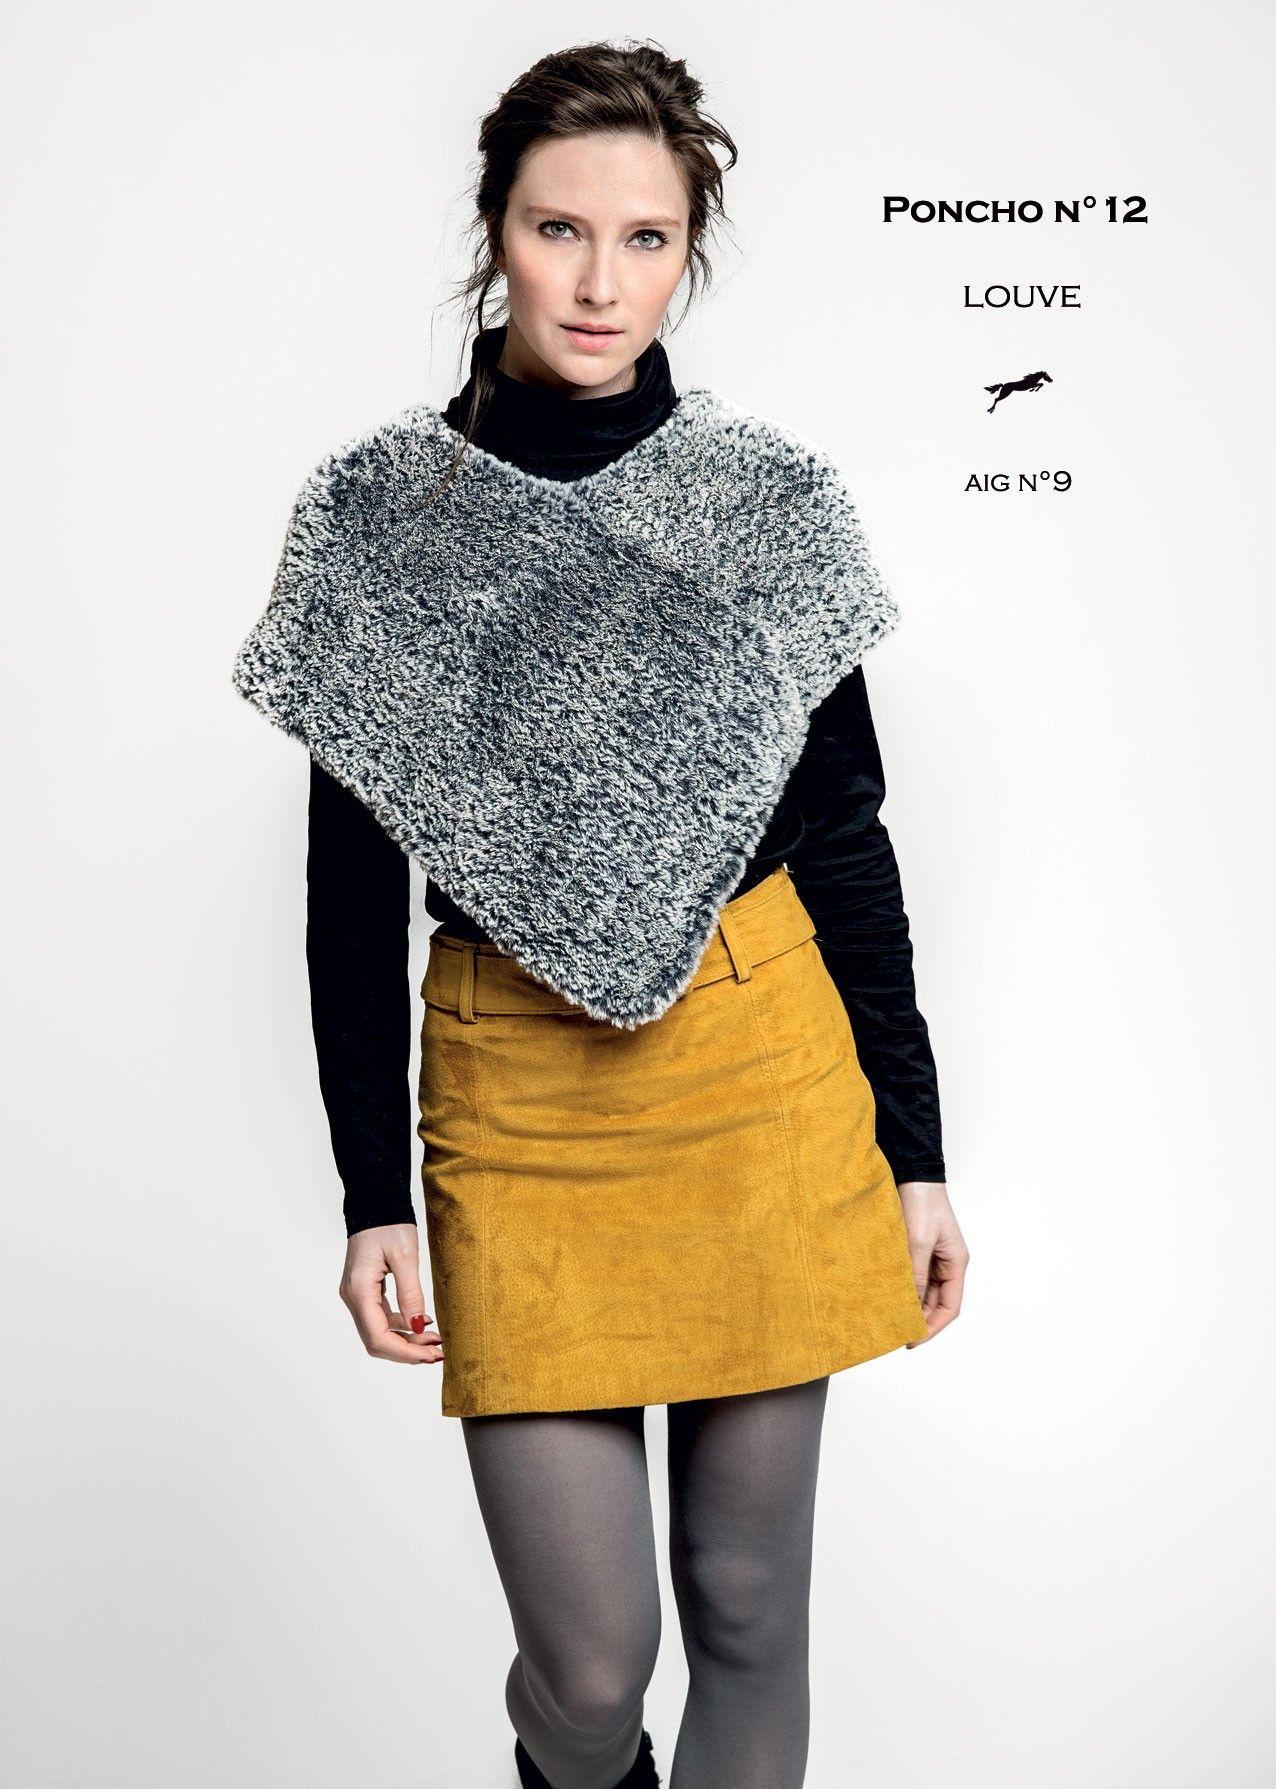 Modèle Poncho CB30 - 12 - Patron tricot gratuit | Poncho laine, Patron tricot et Tricot